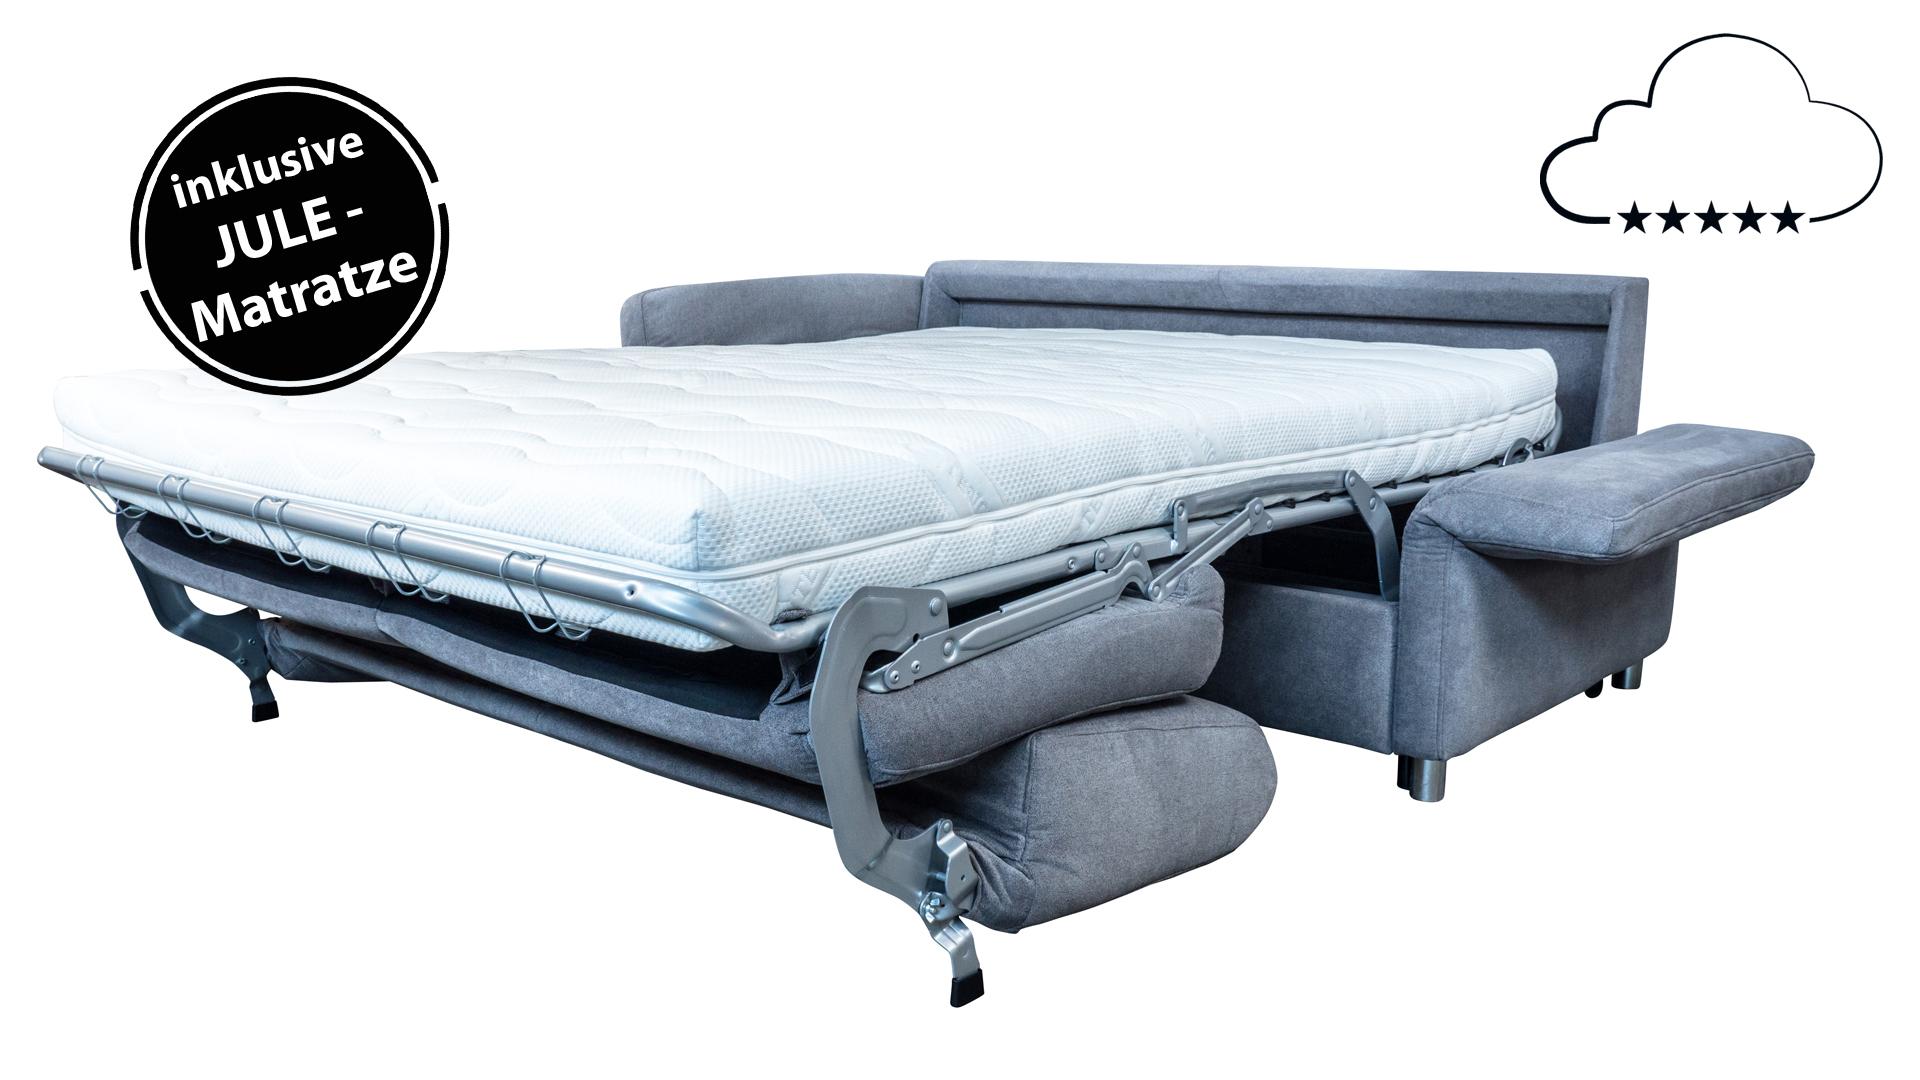 Full Size of Bett 160x200 Mit Lattenrost Schlafsofa Liegefläche Stauraum Bettkasten Schubladen 180x200 Weißes Weiß Betten Ikea Und Matratze Komplett Wohnzimmer Schlafsofa 160x200 Liegefläche